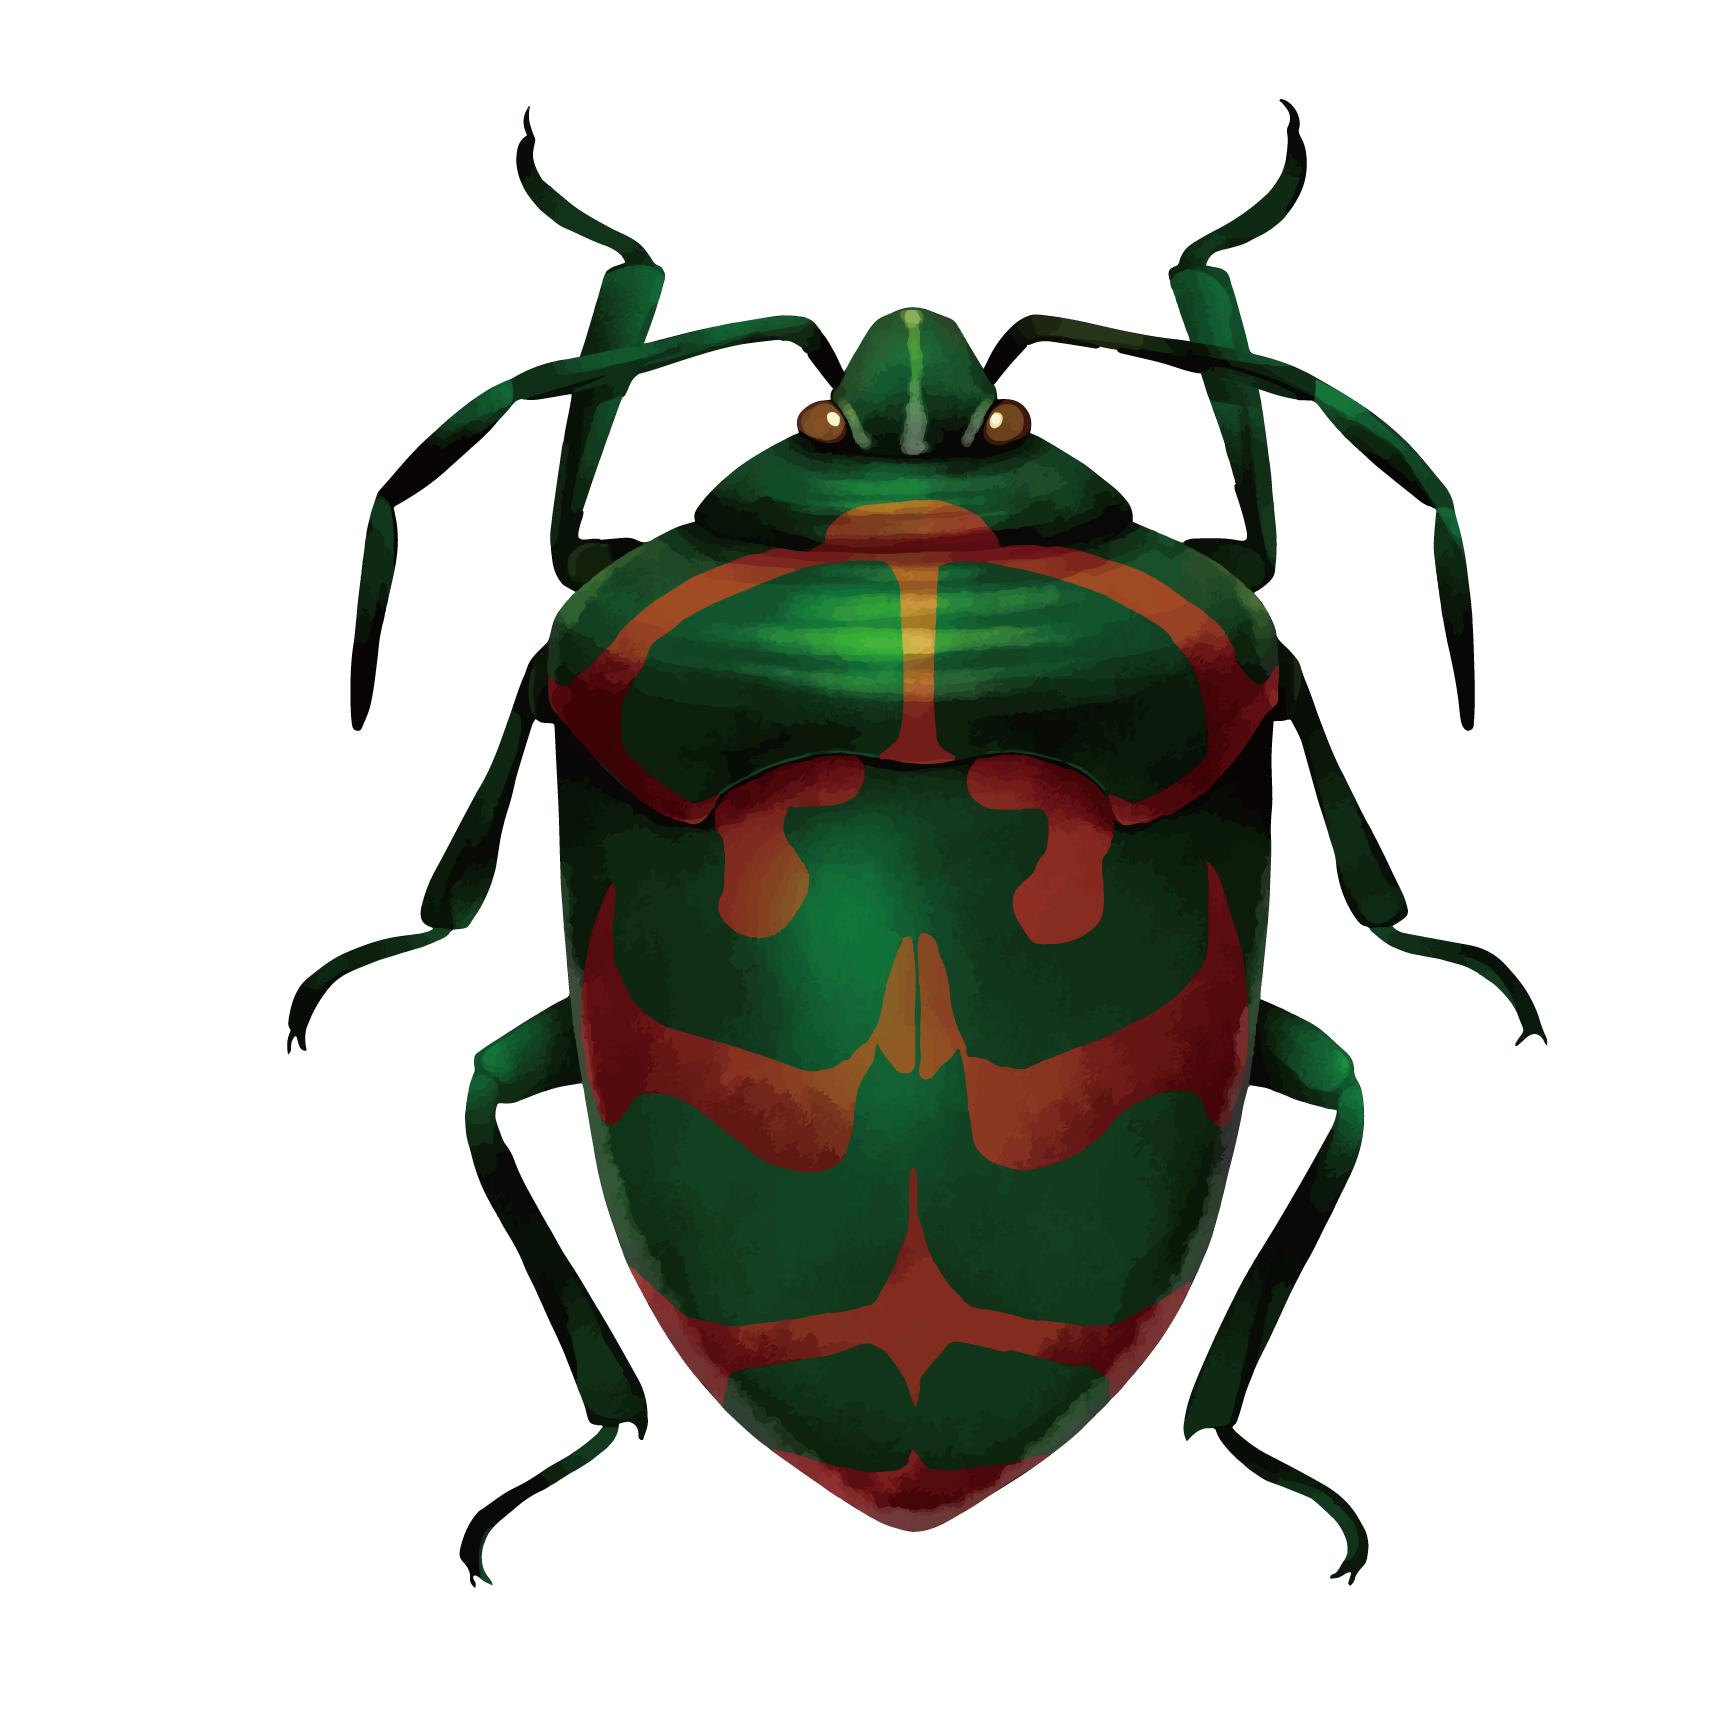 [認知症介護]カメムシを食べてしまう異食行為の原因と対策